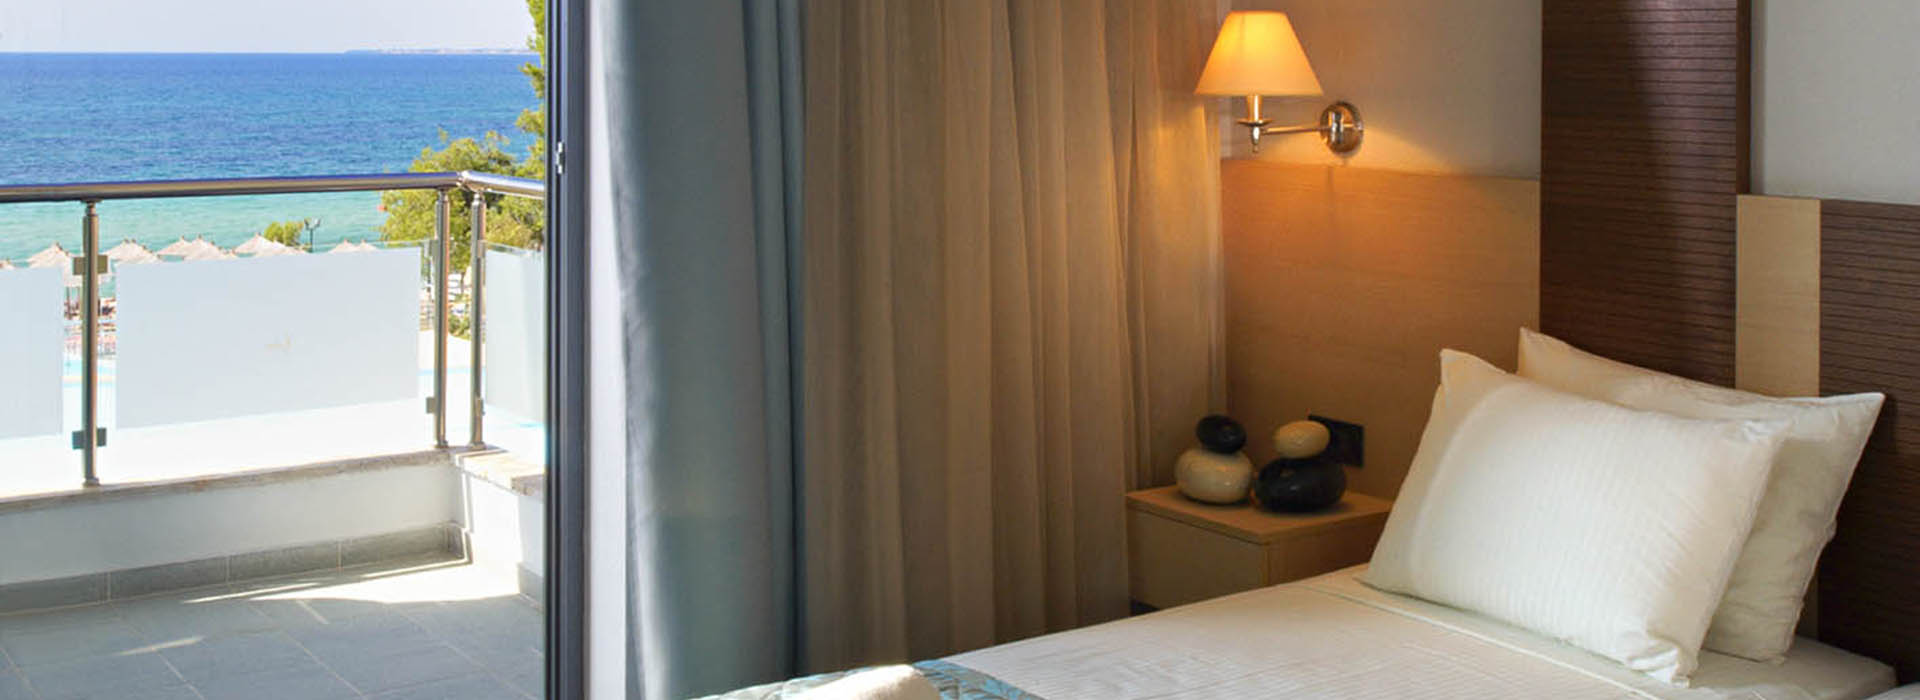 Rooms__Suites_1_copy